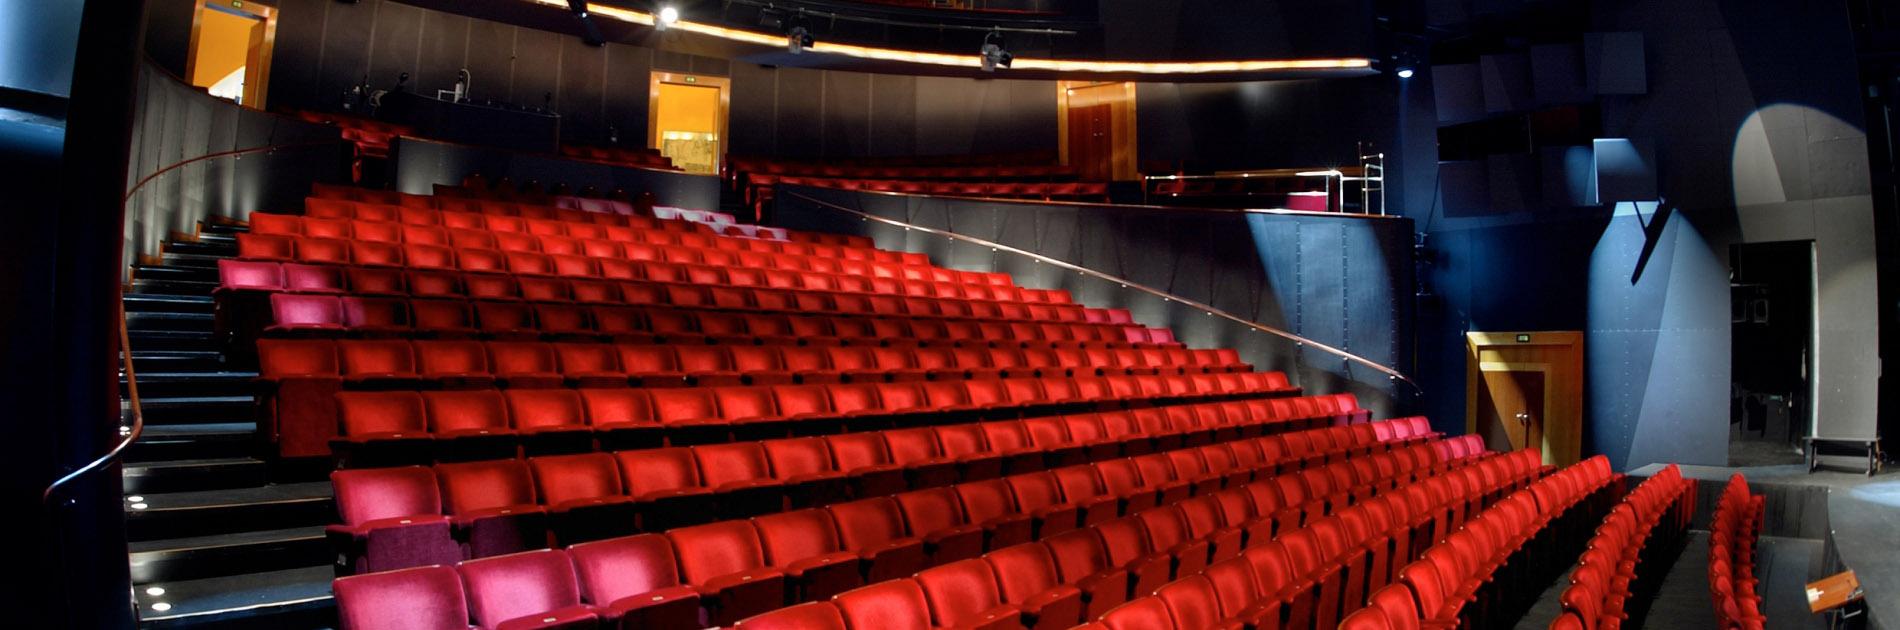 Bänkrader med röda stolar i Stadsteaterns salong.